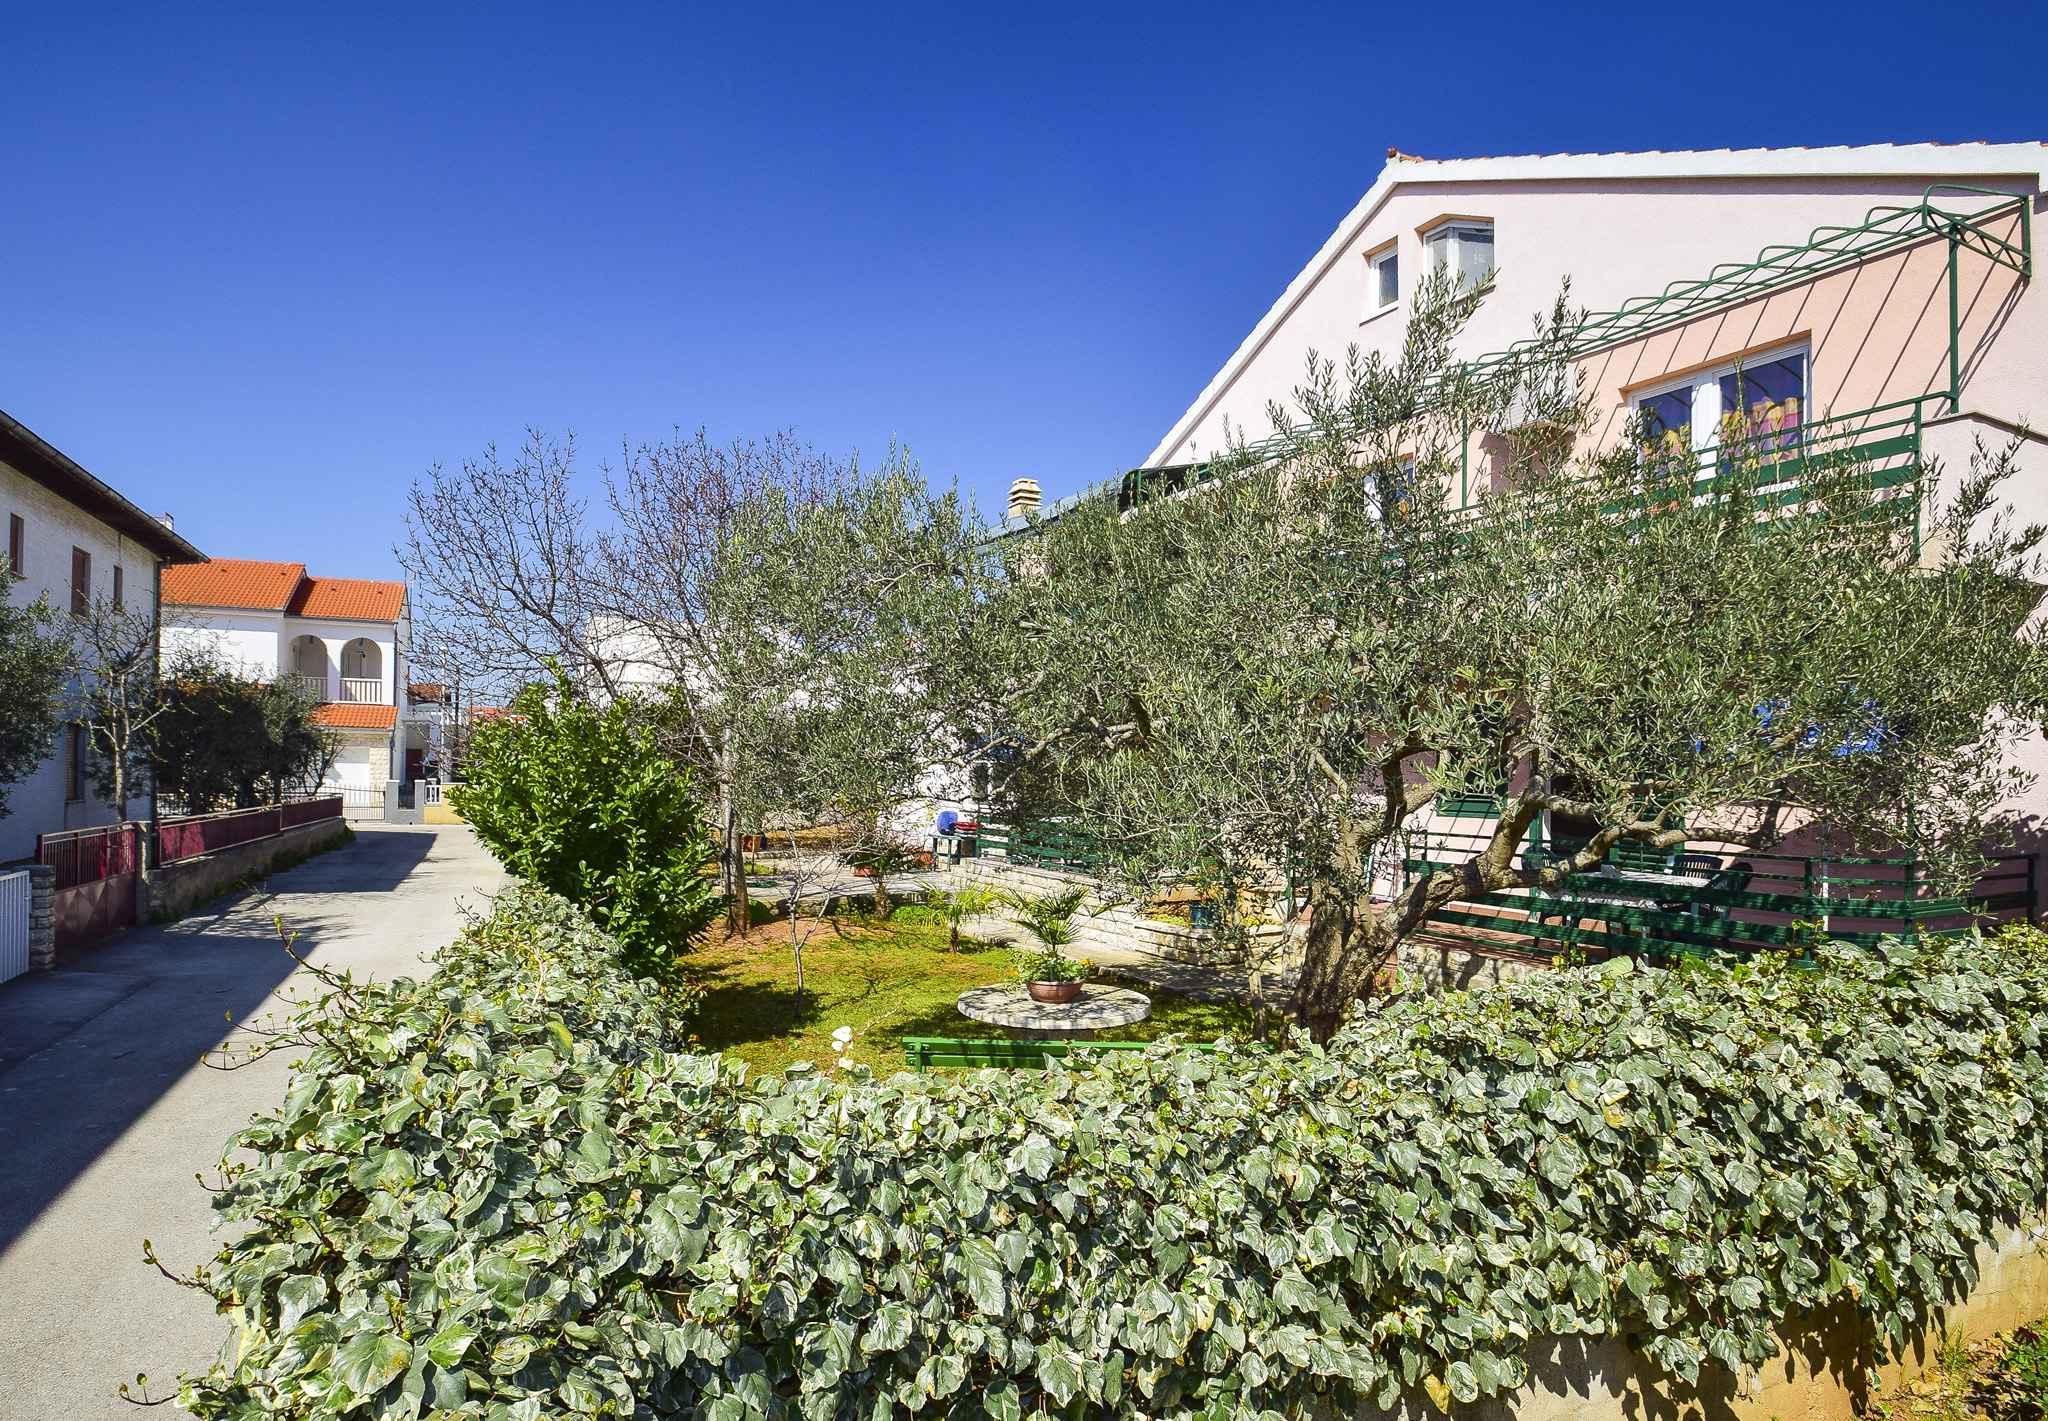 Ferienwohnung mit überdachter Terrasse (278787), Vodice, , Dalmatien, Kroatien, Bild 2